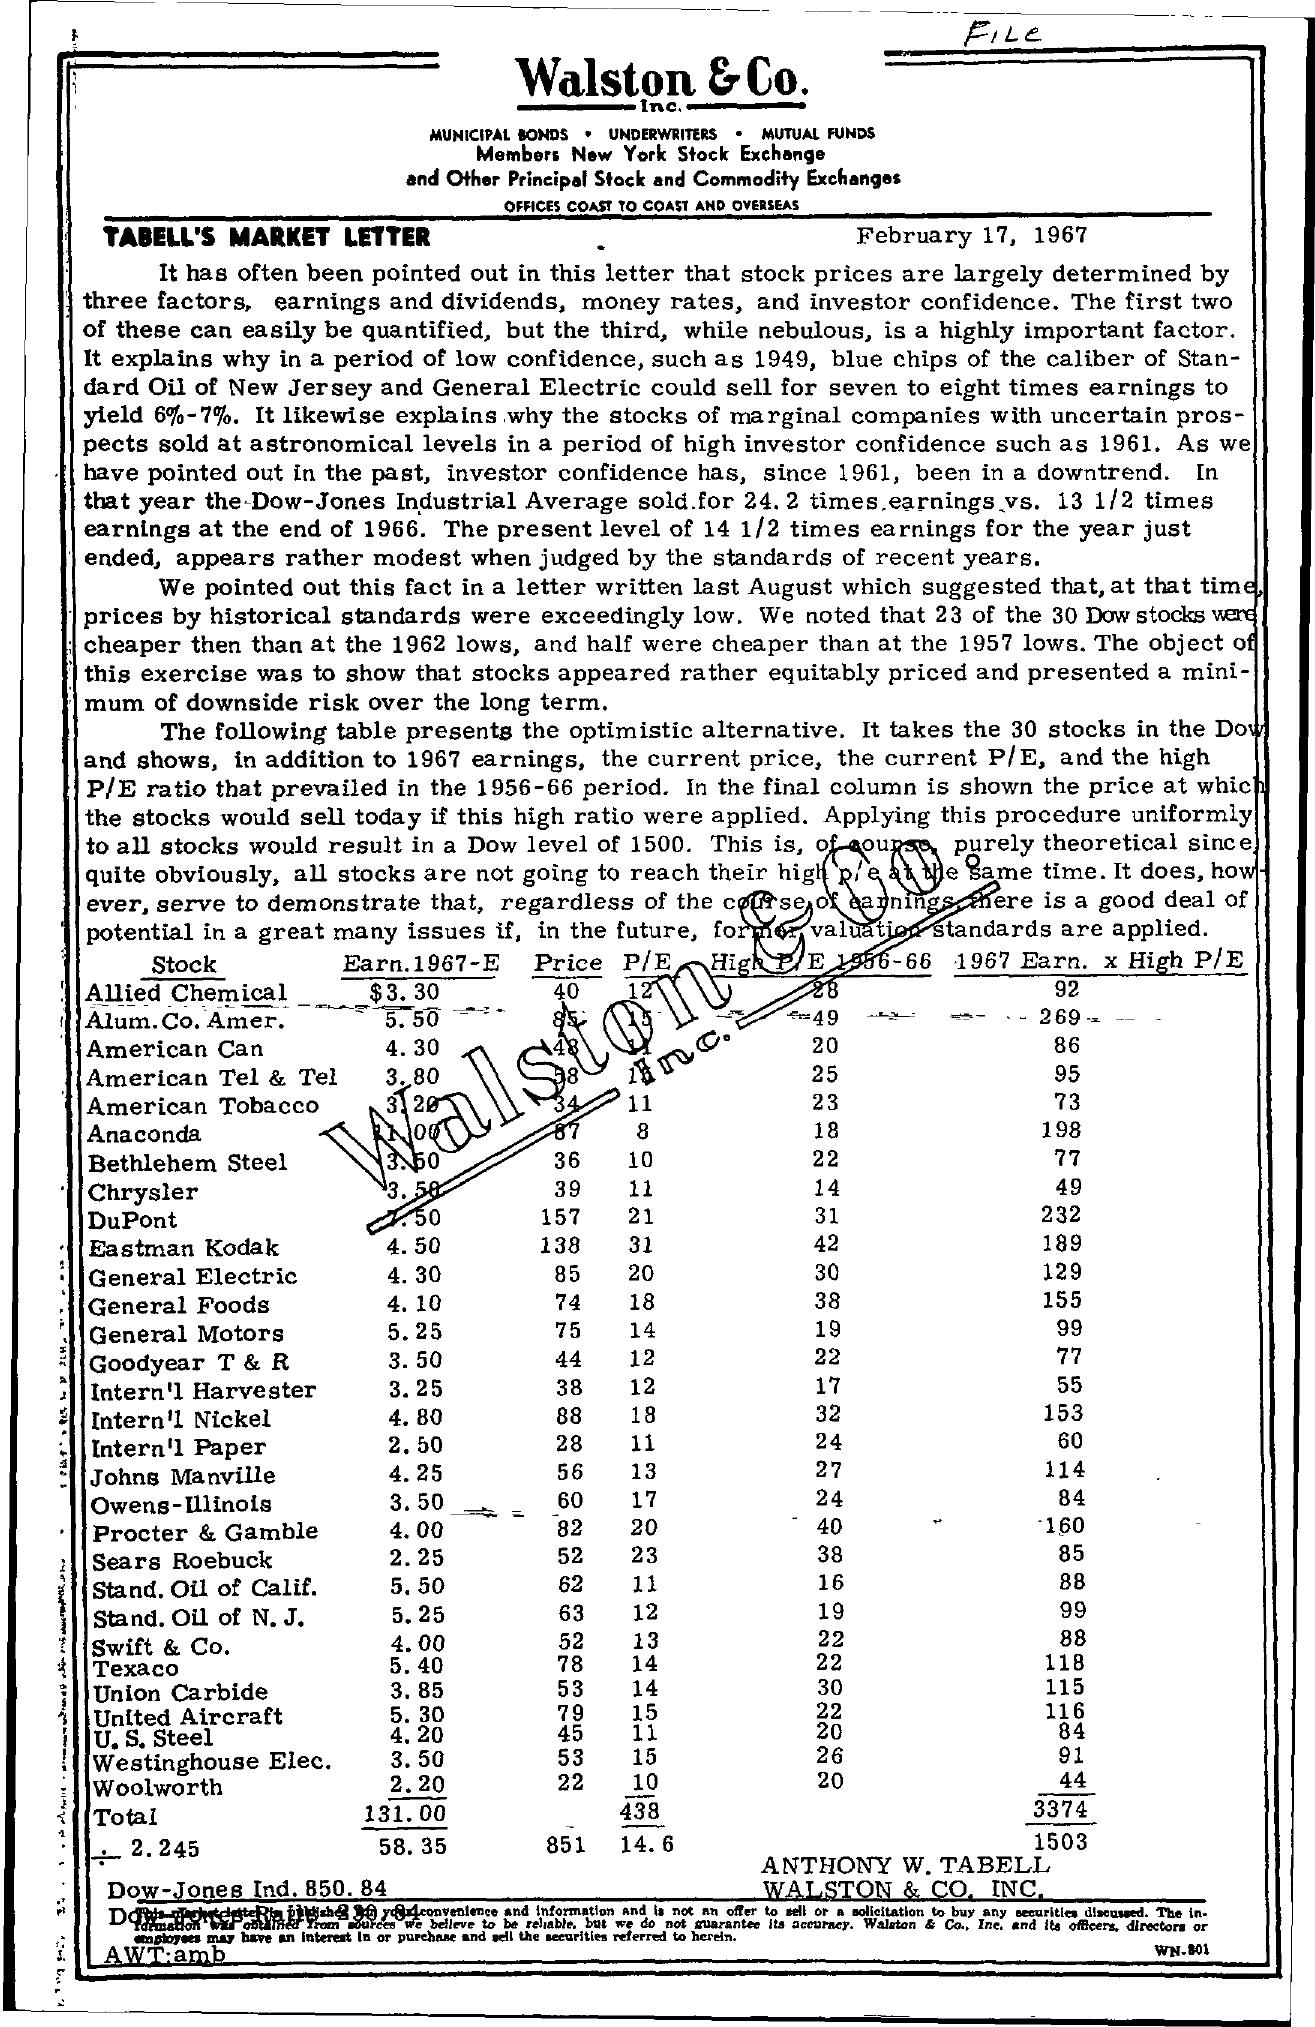 Tabell's Market Letter - February 17, 1967